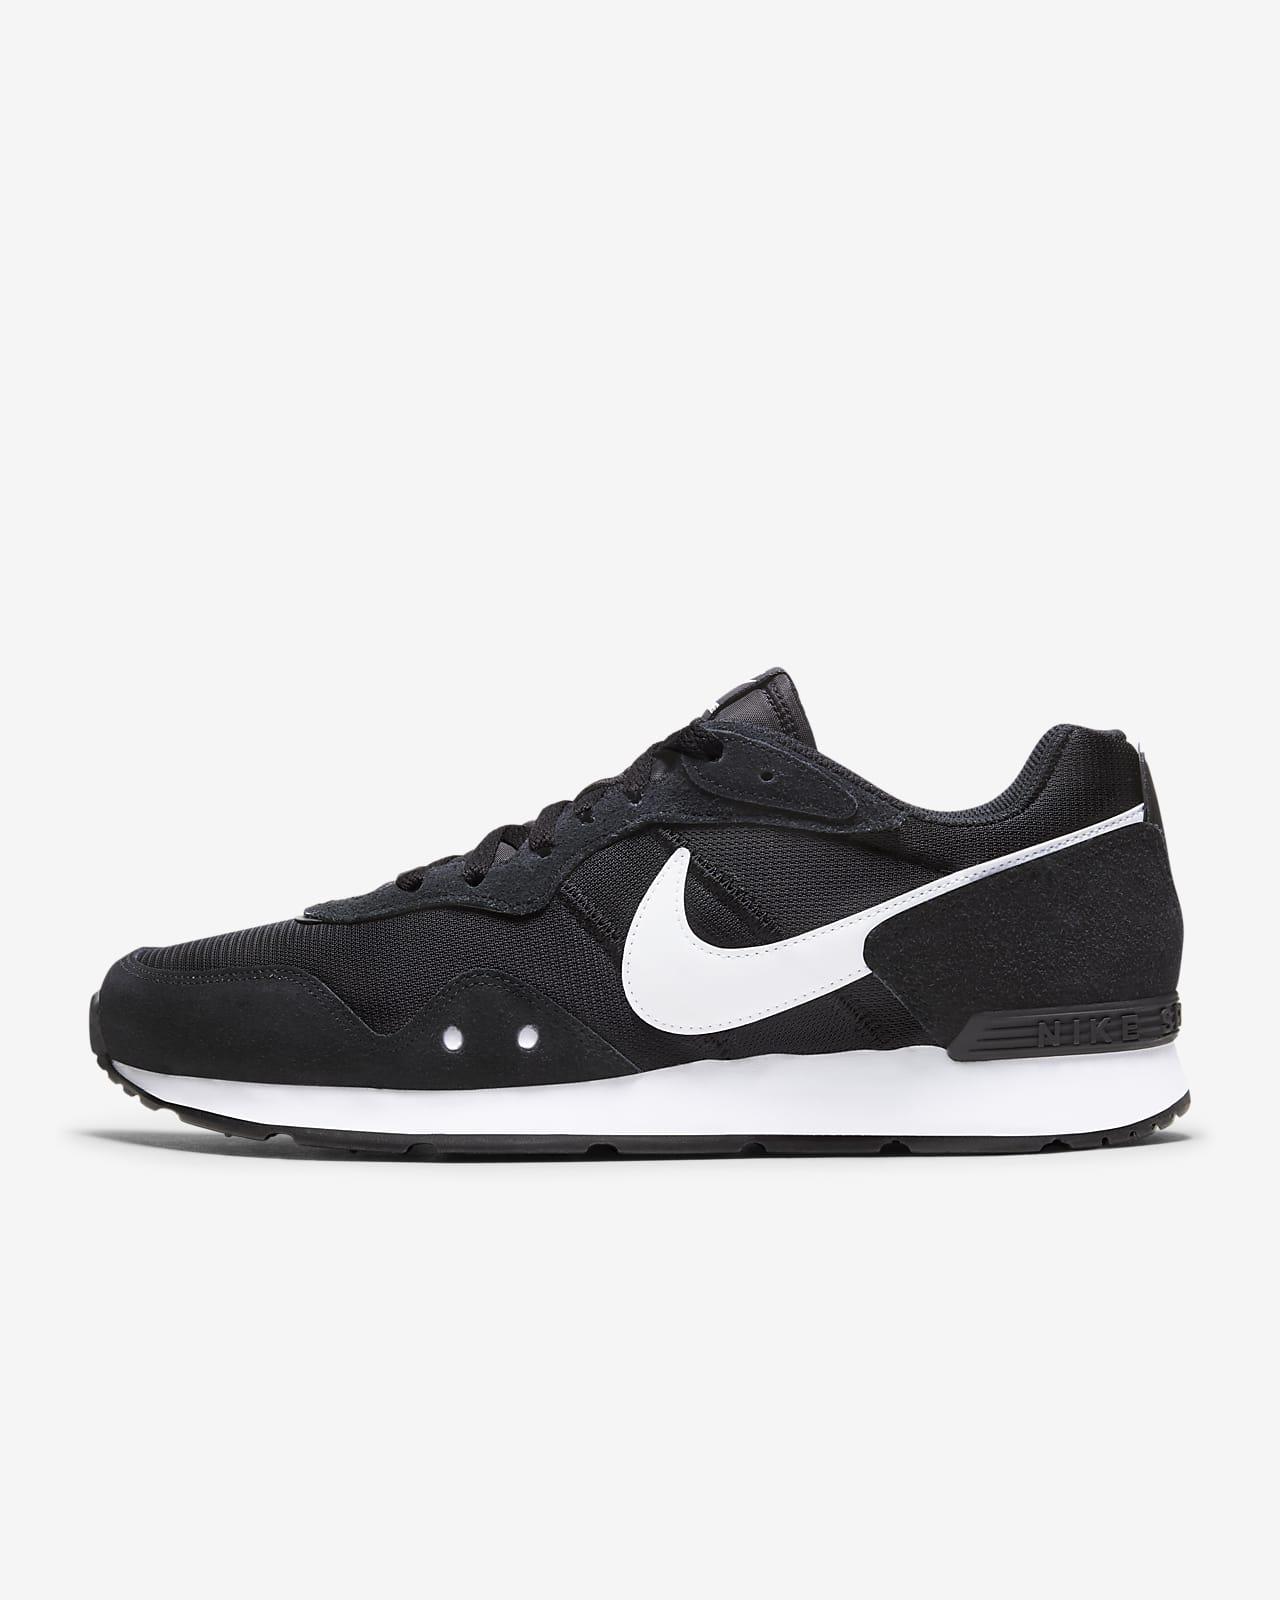 Nike Venture Runner Men's Shoe